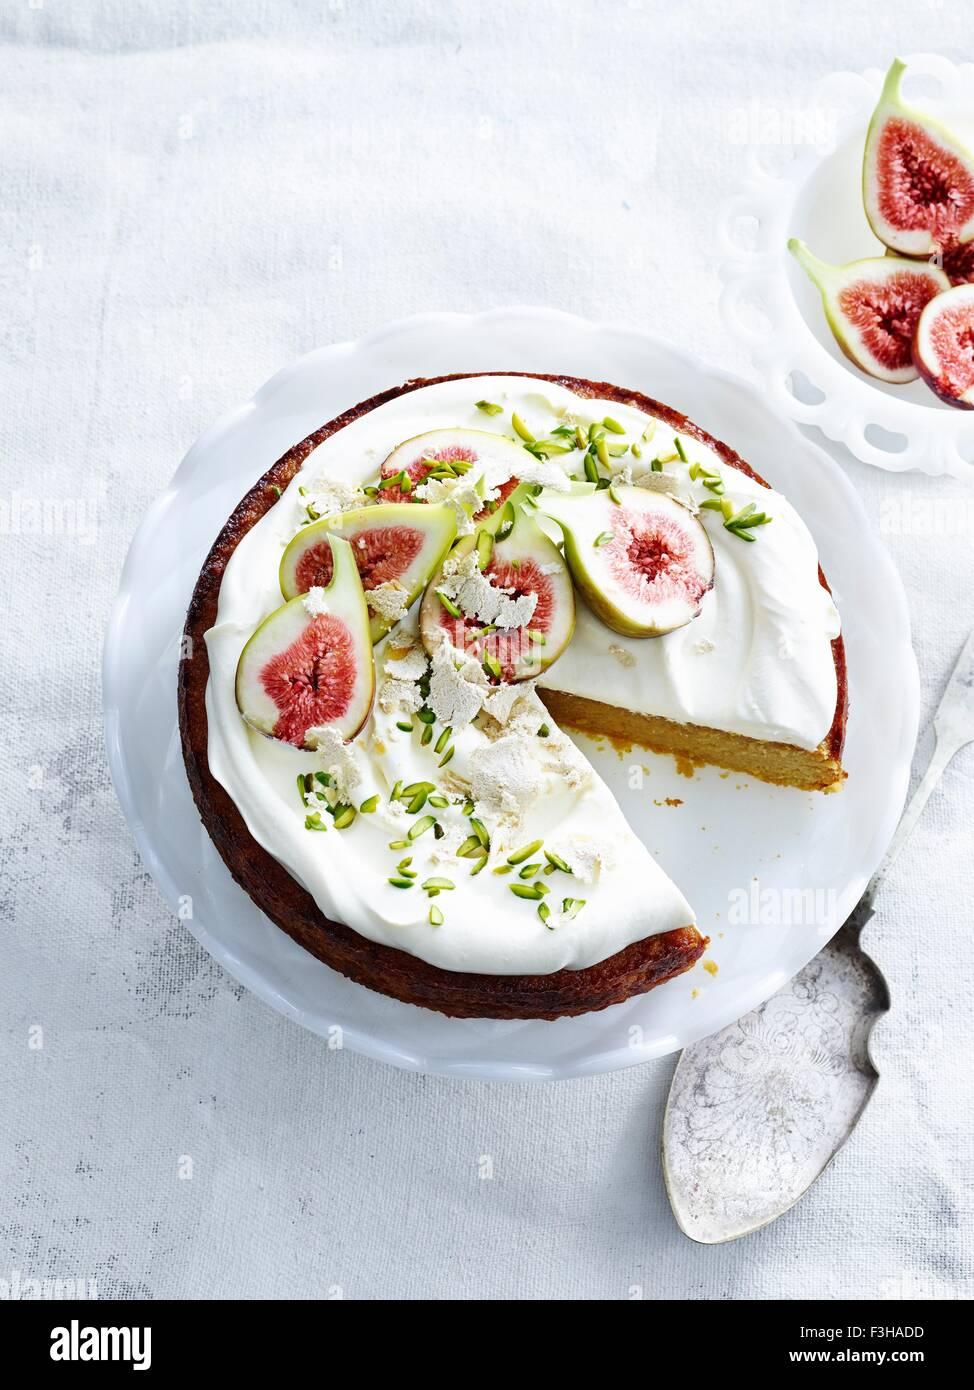 Draufsicht Der Orange Mandel Kuchen Mit Joghurt Creme Pistazien